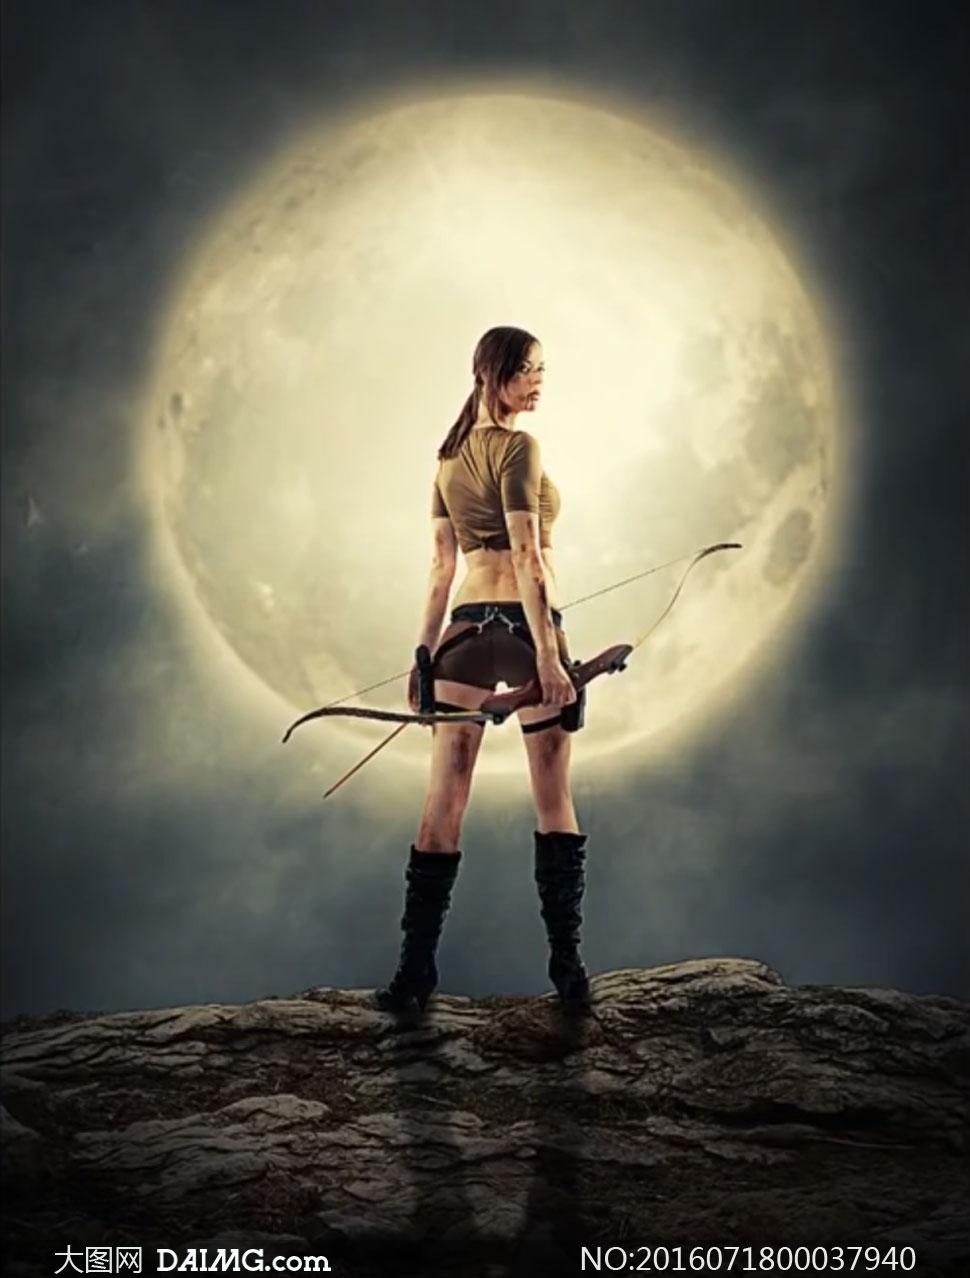 月亮下的女战士场景图PS教程素材